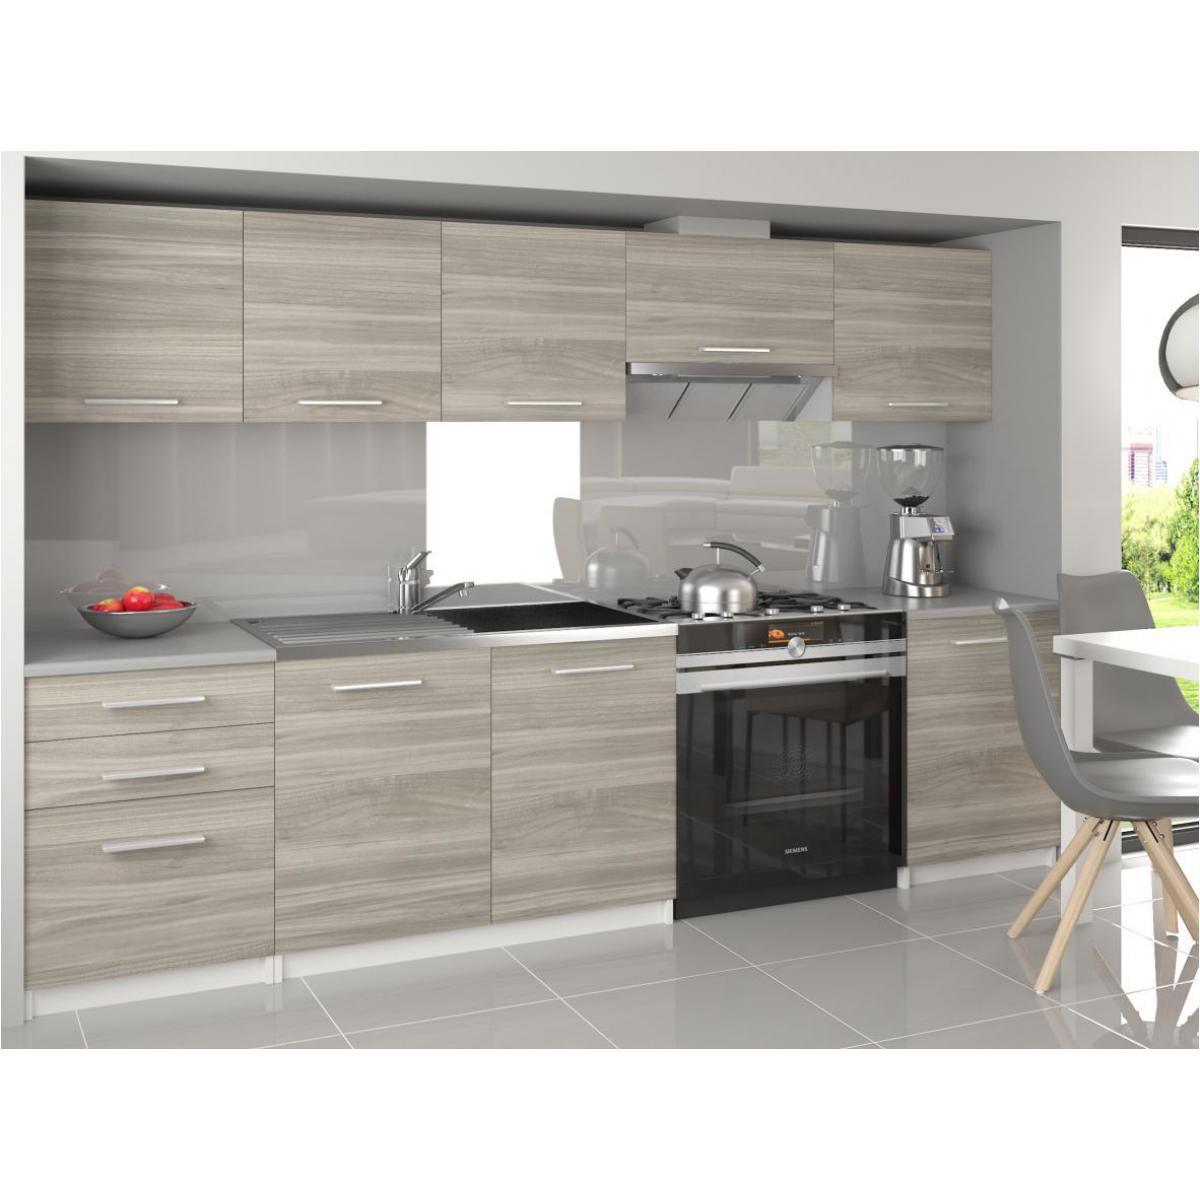 Hucoco NOVIA | Cuisine Complète Linéaire 240/180 cm 7 pcs | Plan de travail INCLUS | Ensemble meubles cuisine - Silver